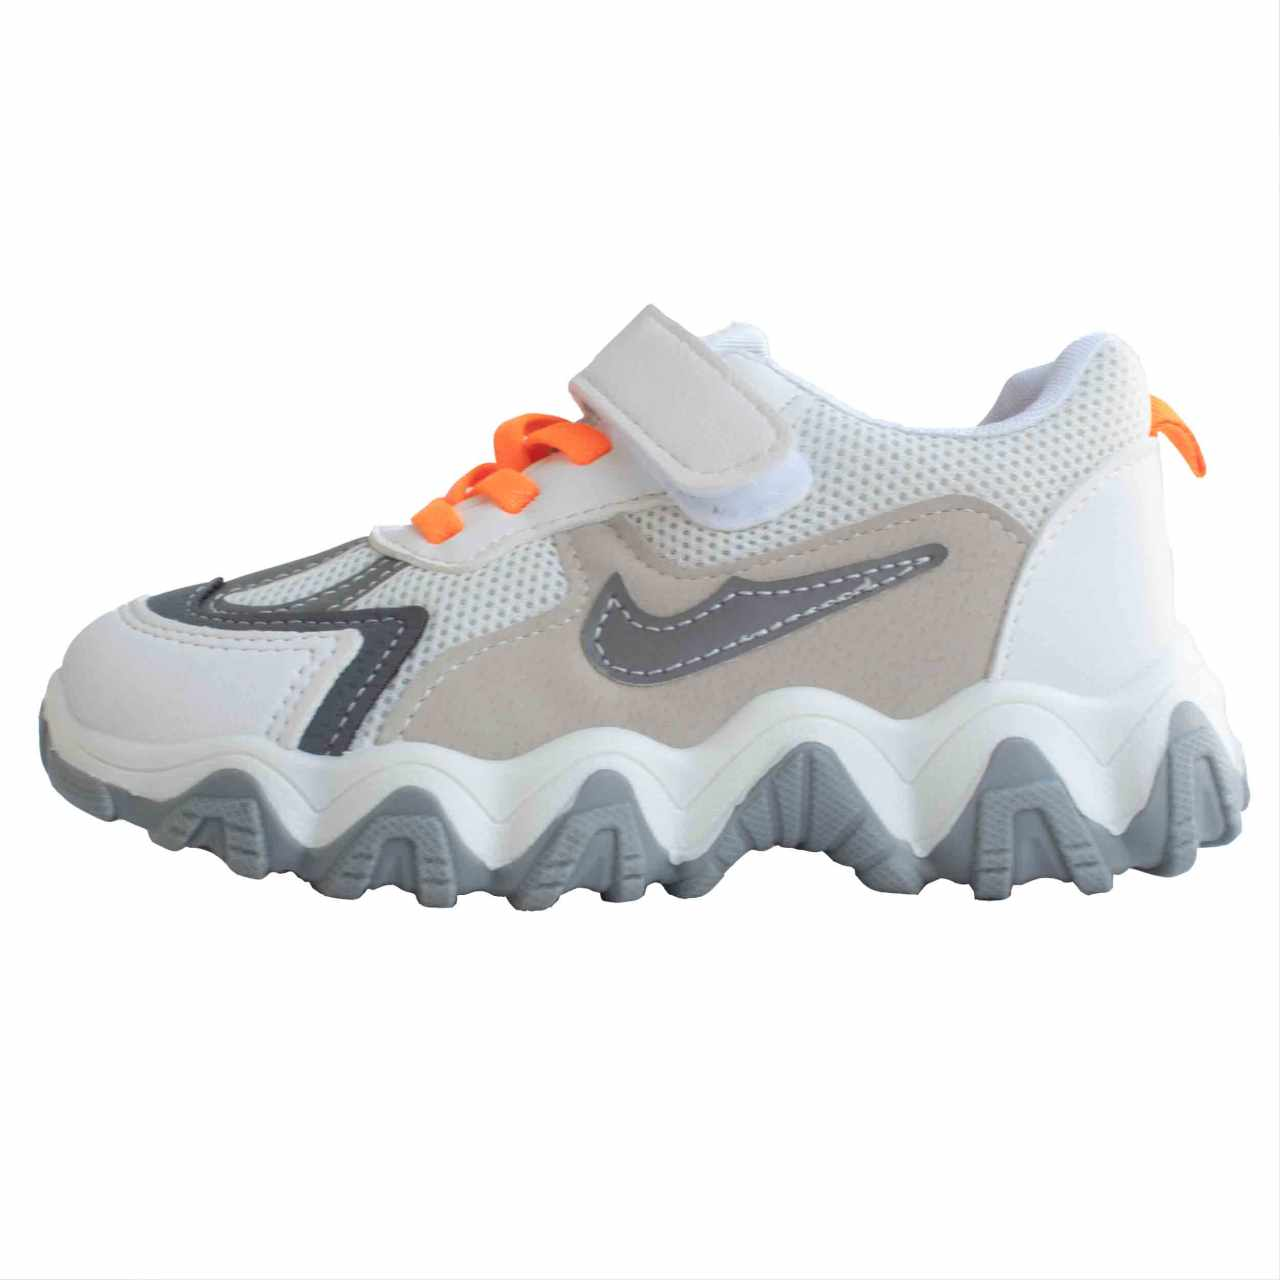 کفش پیاده روی دخترانه نایکی مدلOkr102004